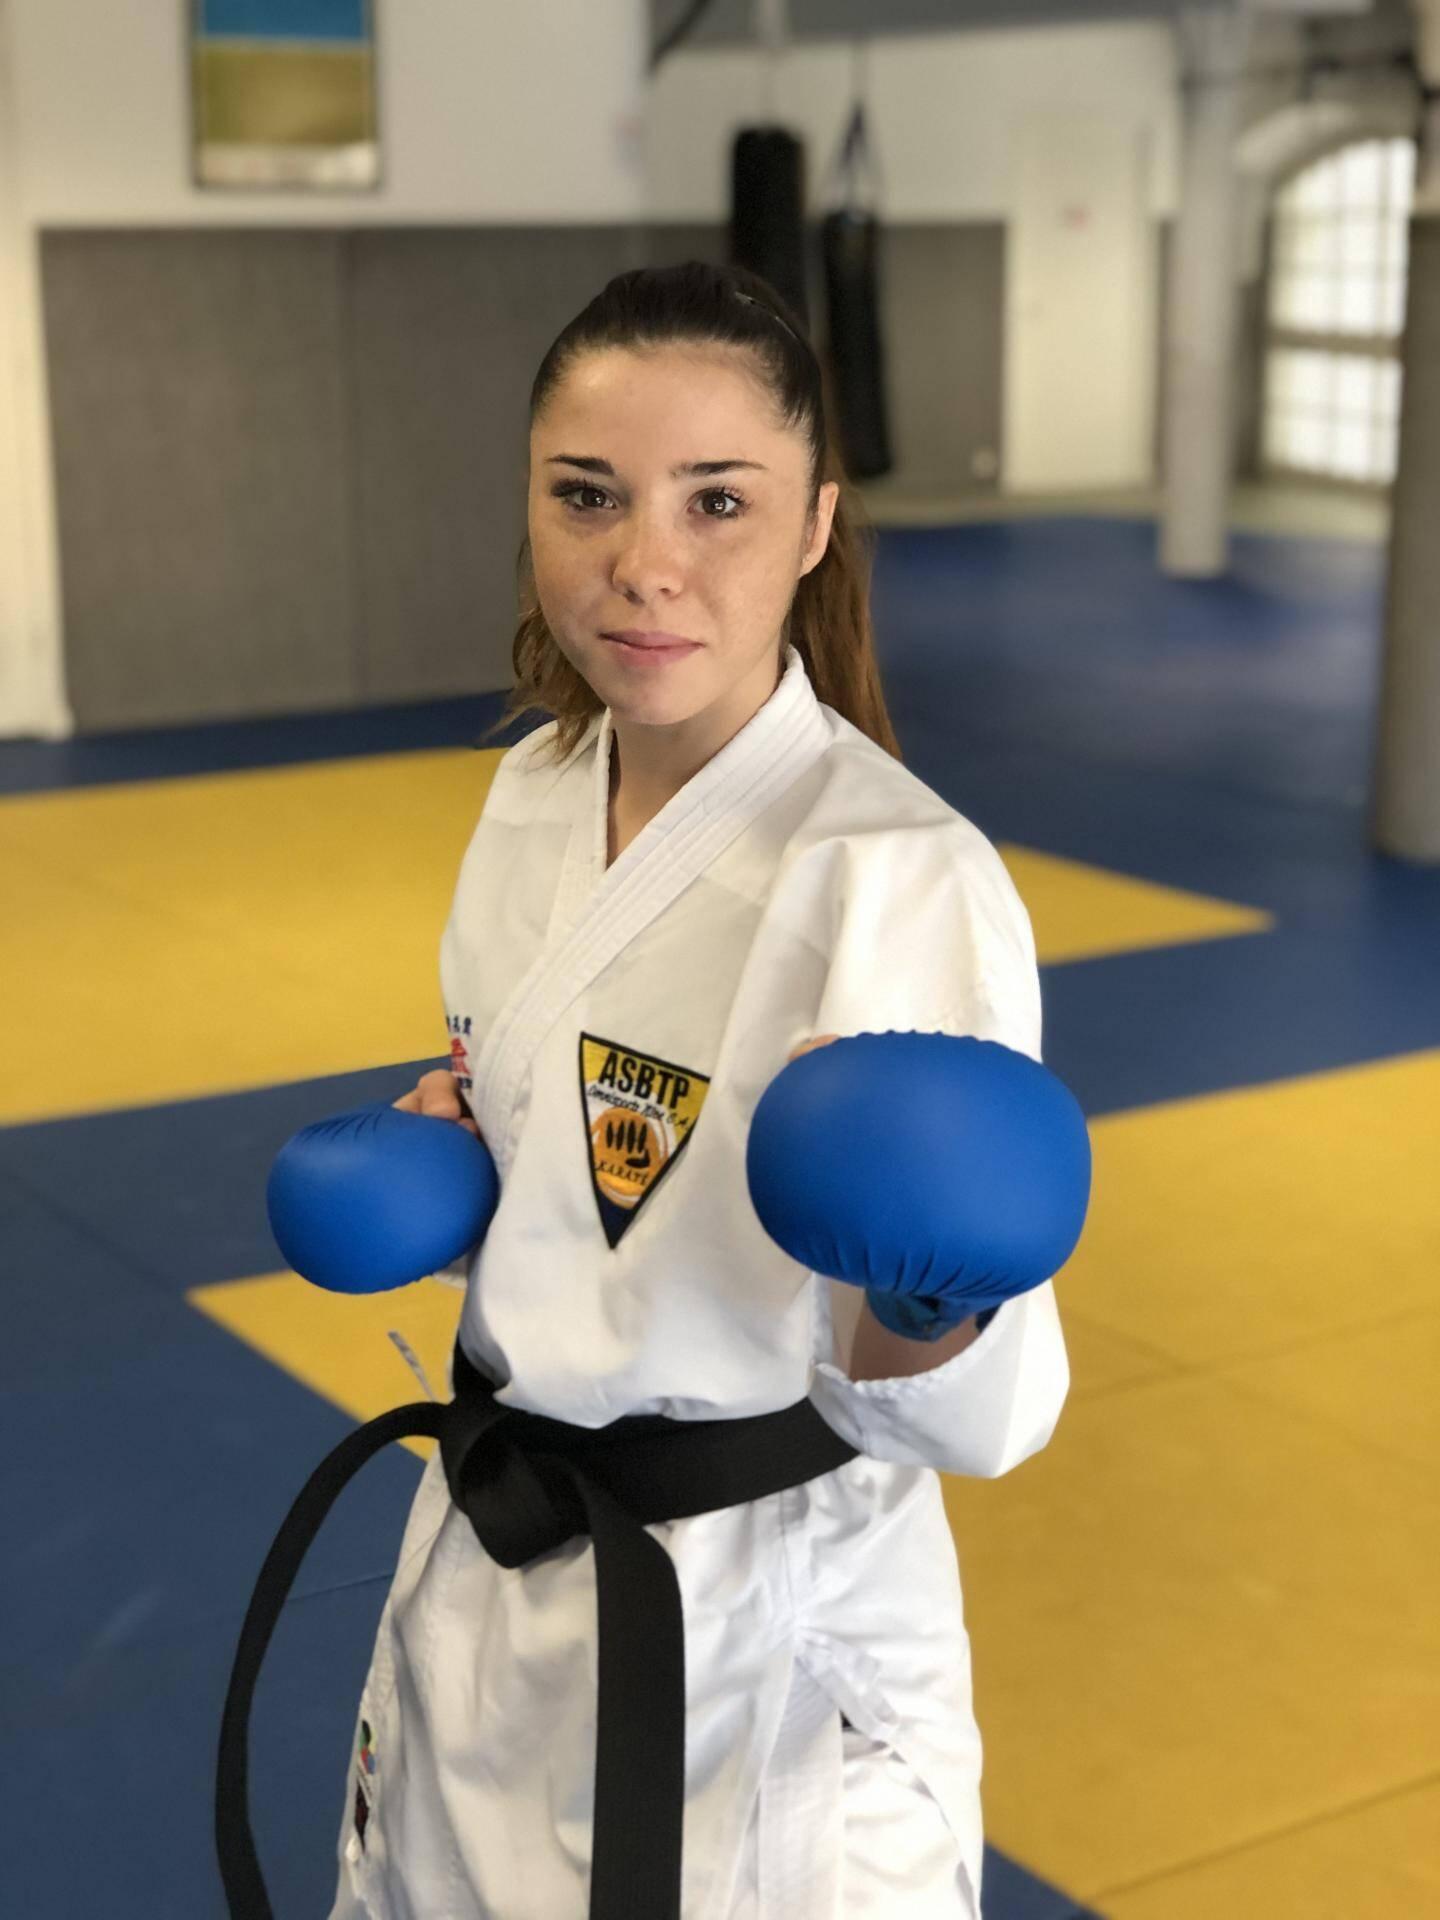 Après avoir grandi à La Garde-Freinet, May-Ly Picard s'entraîne désormais à l'ASBTP Nice, club qu'elle a rejoint il y a plus de huit ans.